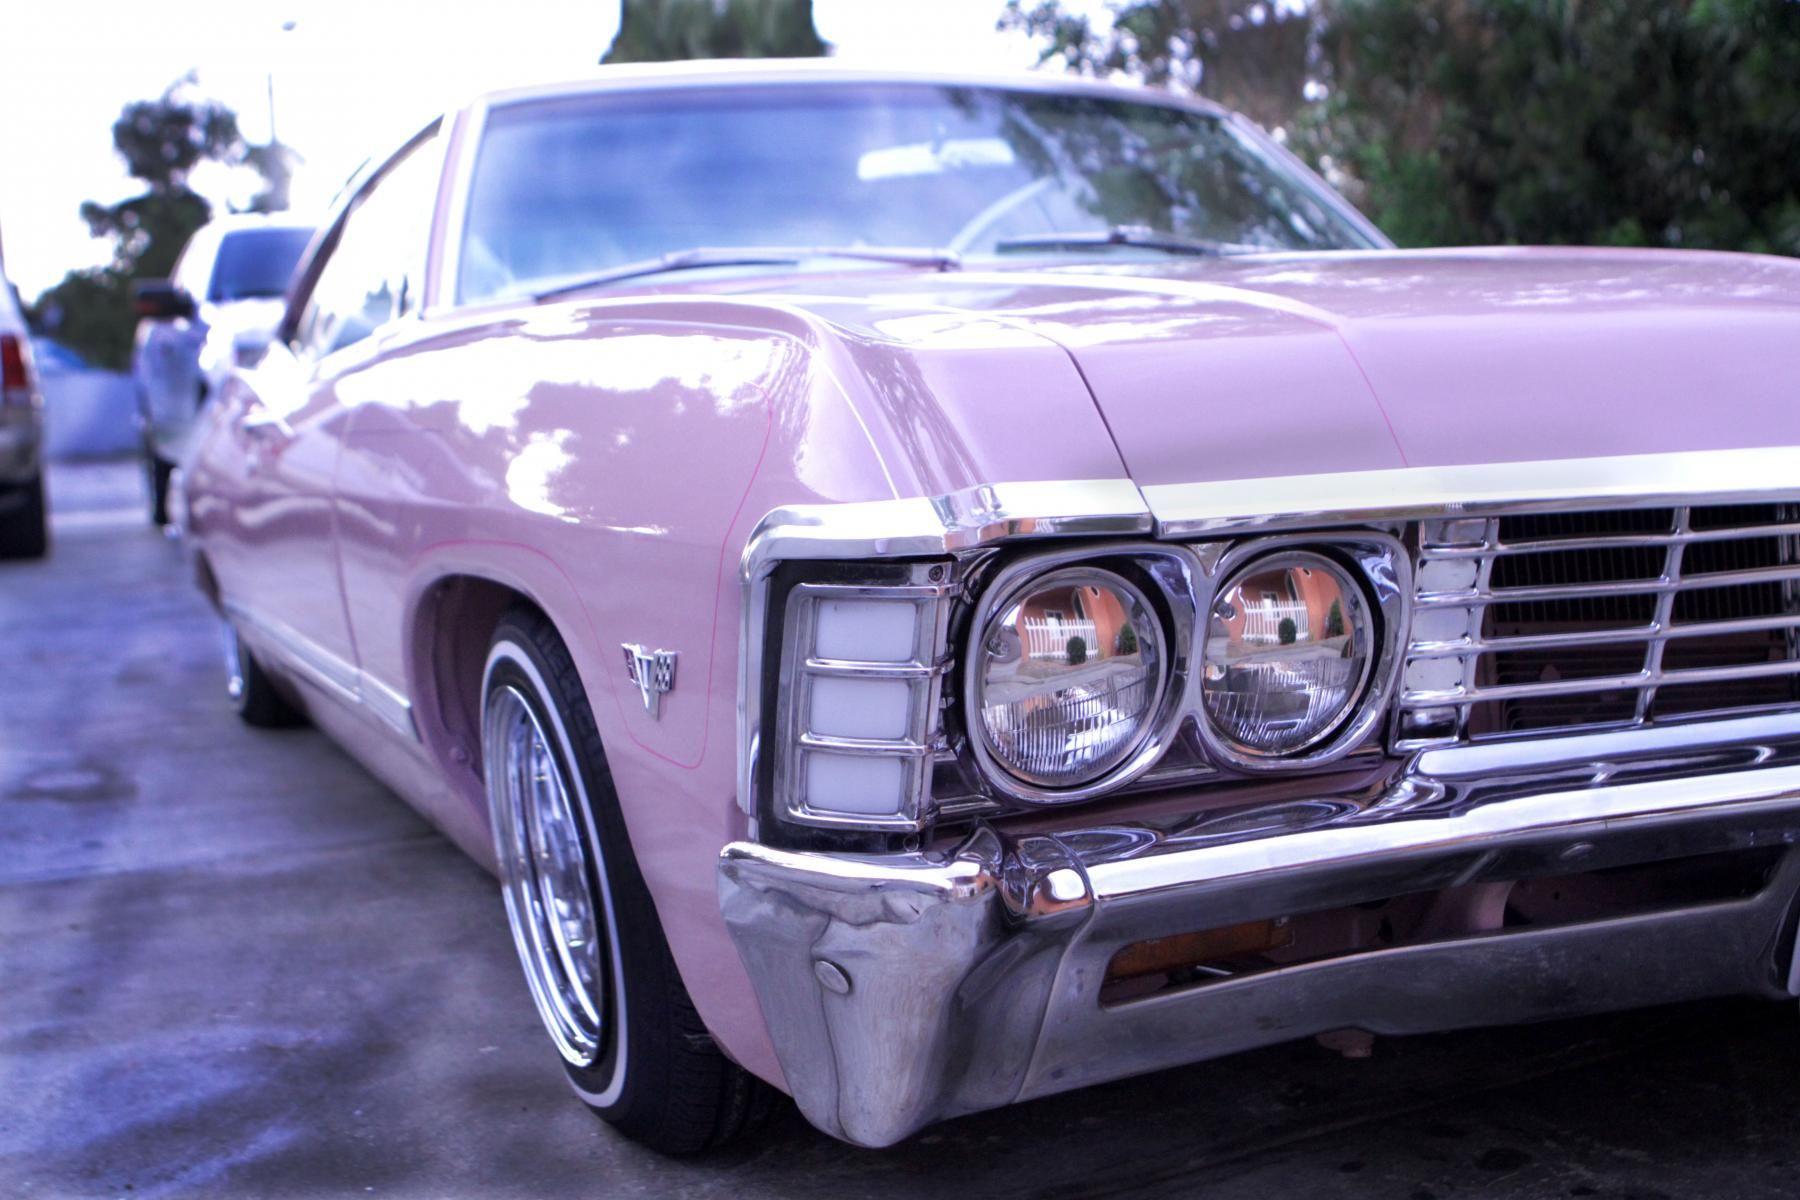 67 Impala Fest Blogs Impala 67 Impala 1967 Chevy Impala